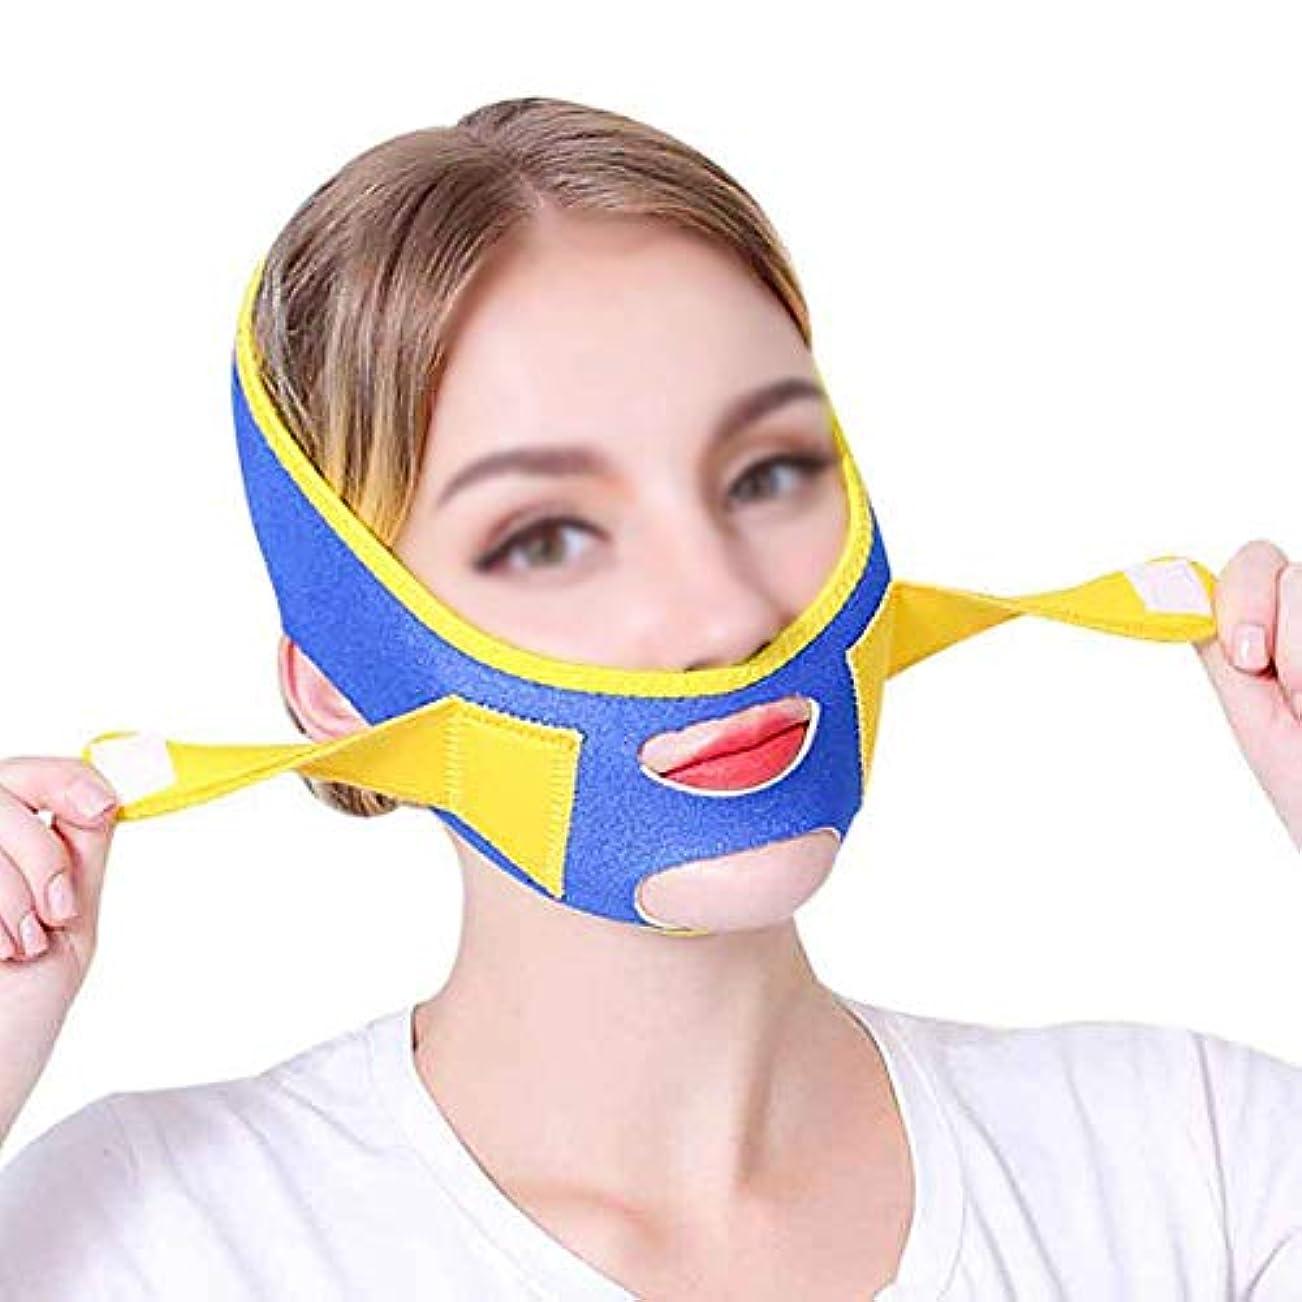 安西報復するステージTLMY 薄い顔マスクあごの修復包帯薄い顔マスクV顔ステッカー薄い顔ステッカー韓国本物のスリミング引き締め顔スリムダブルスクワットフェイスリフト睡眠包帯アーティファクト 顔用整形マスク